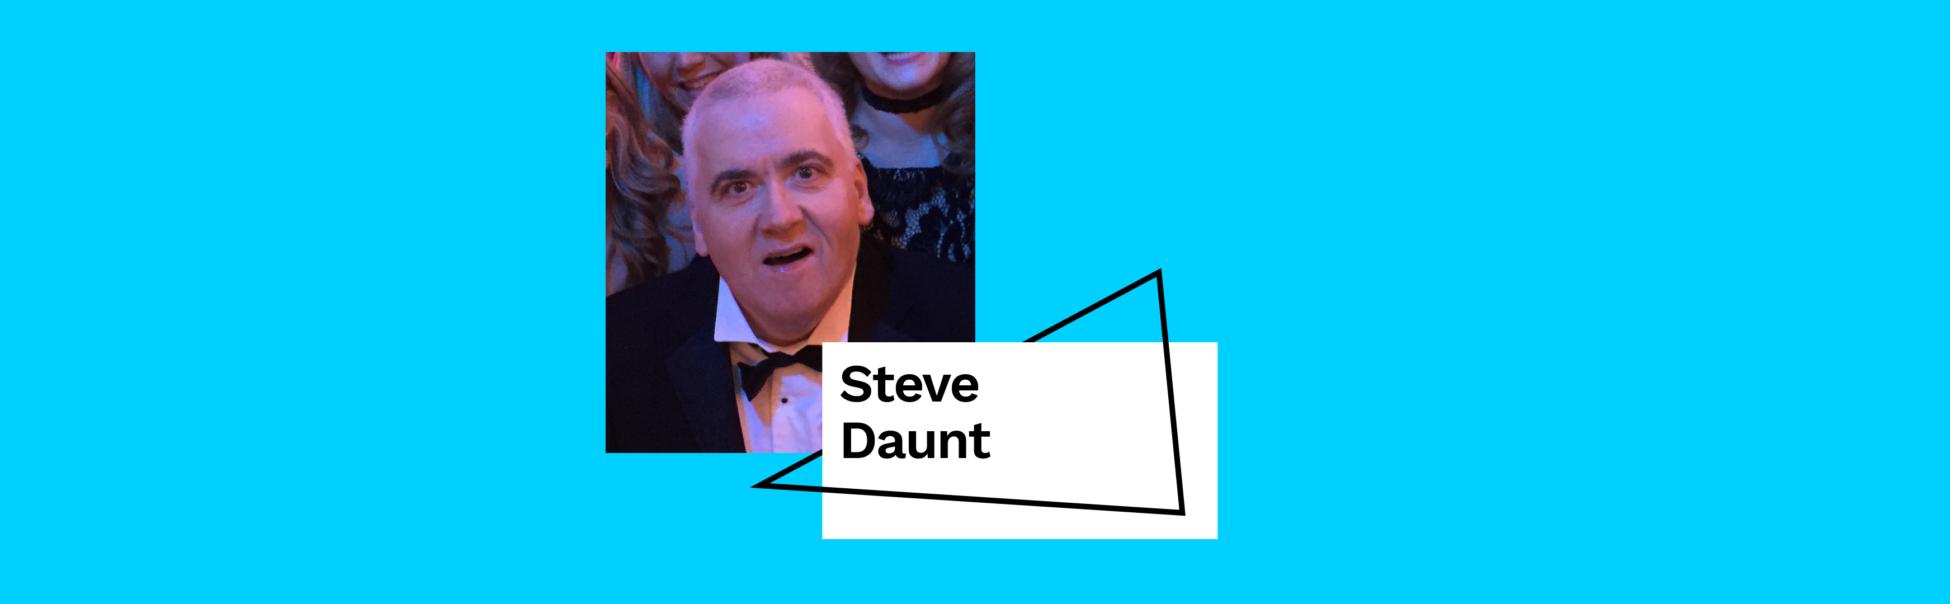 Steve Daunt